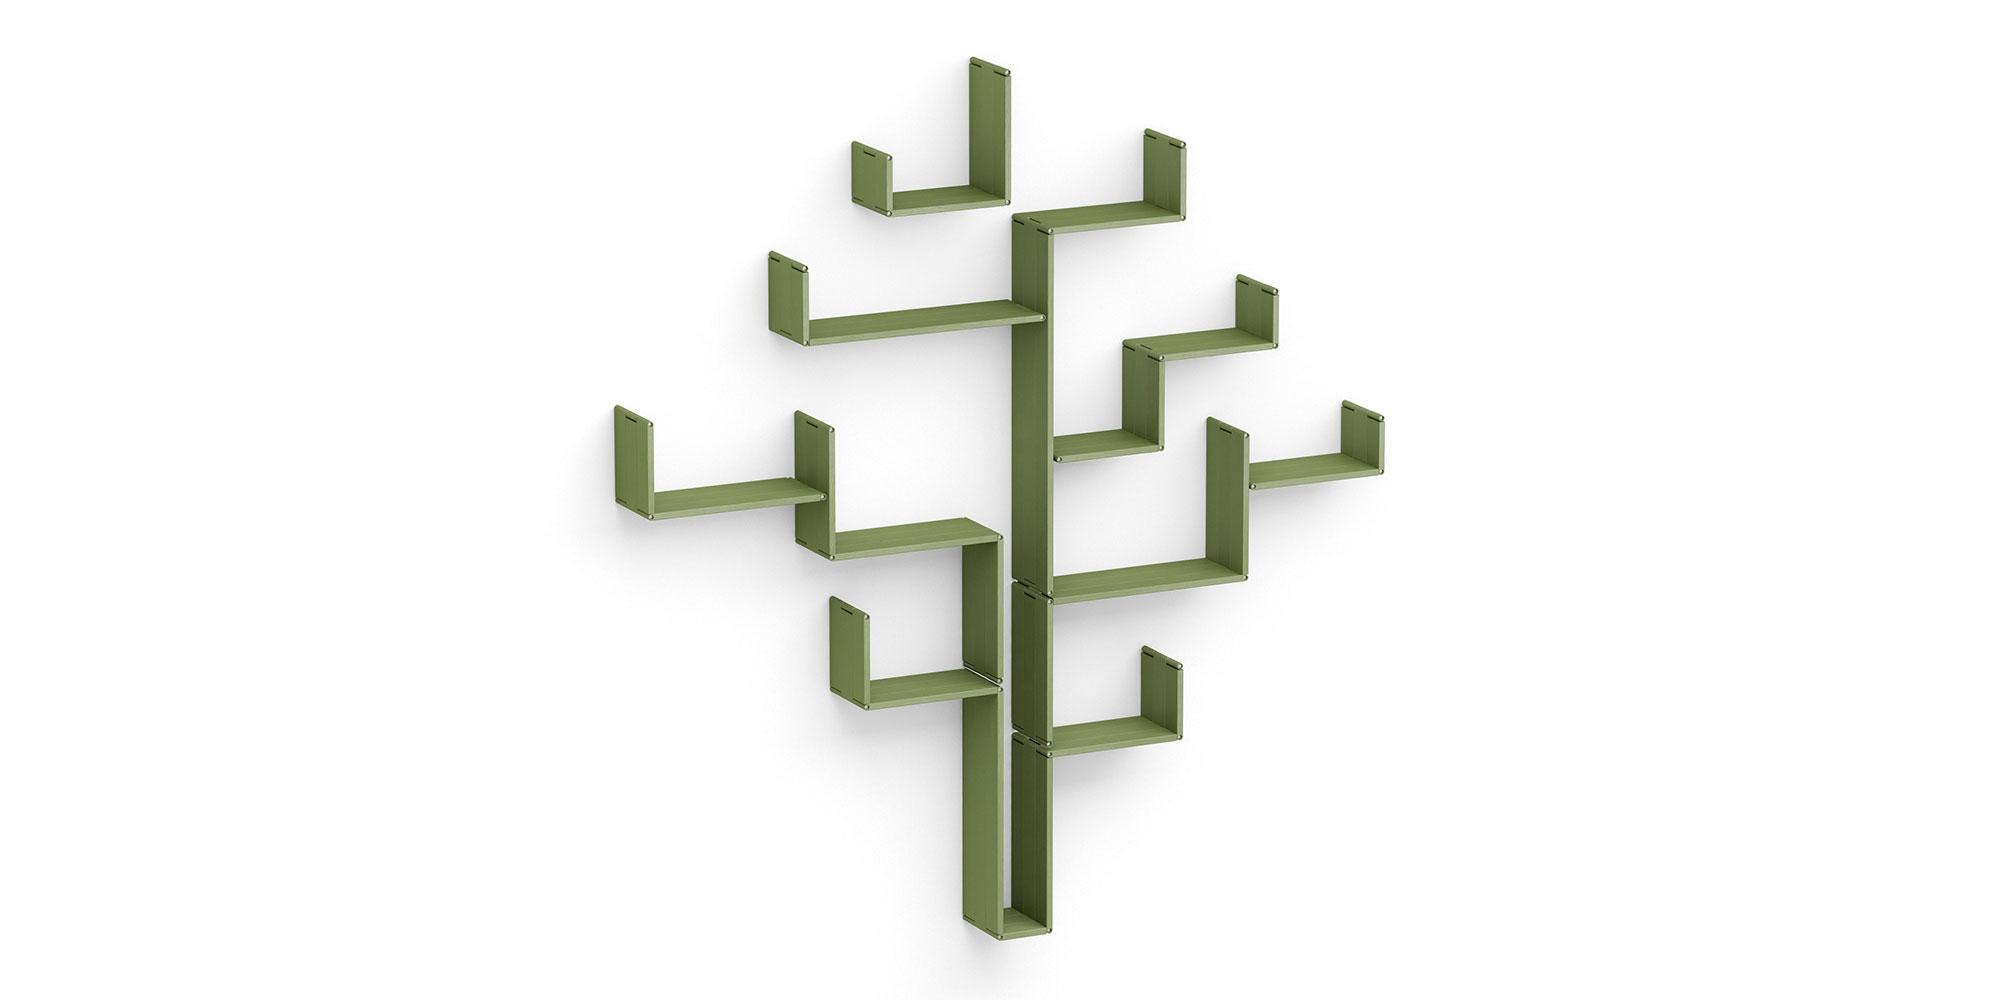 Алгоритмы и структуры данных на C++: деревья отрезков